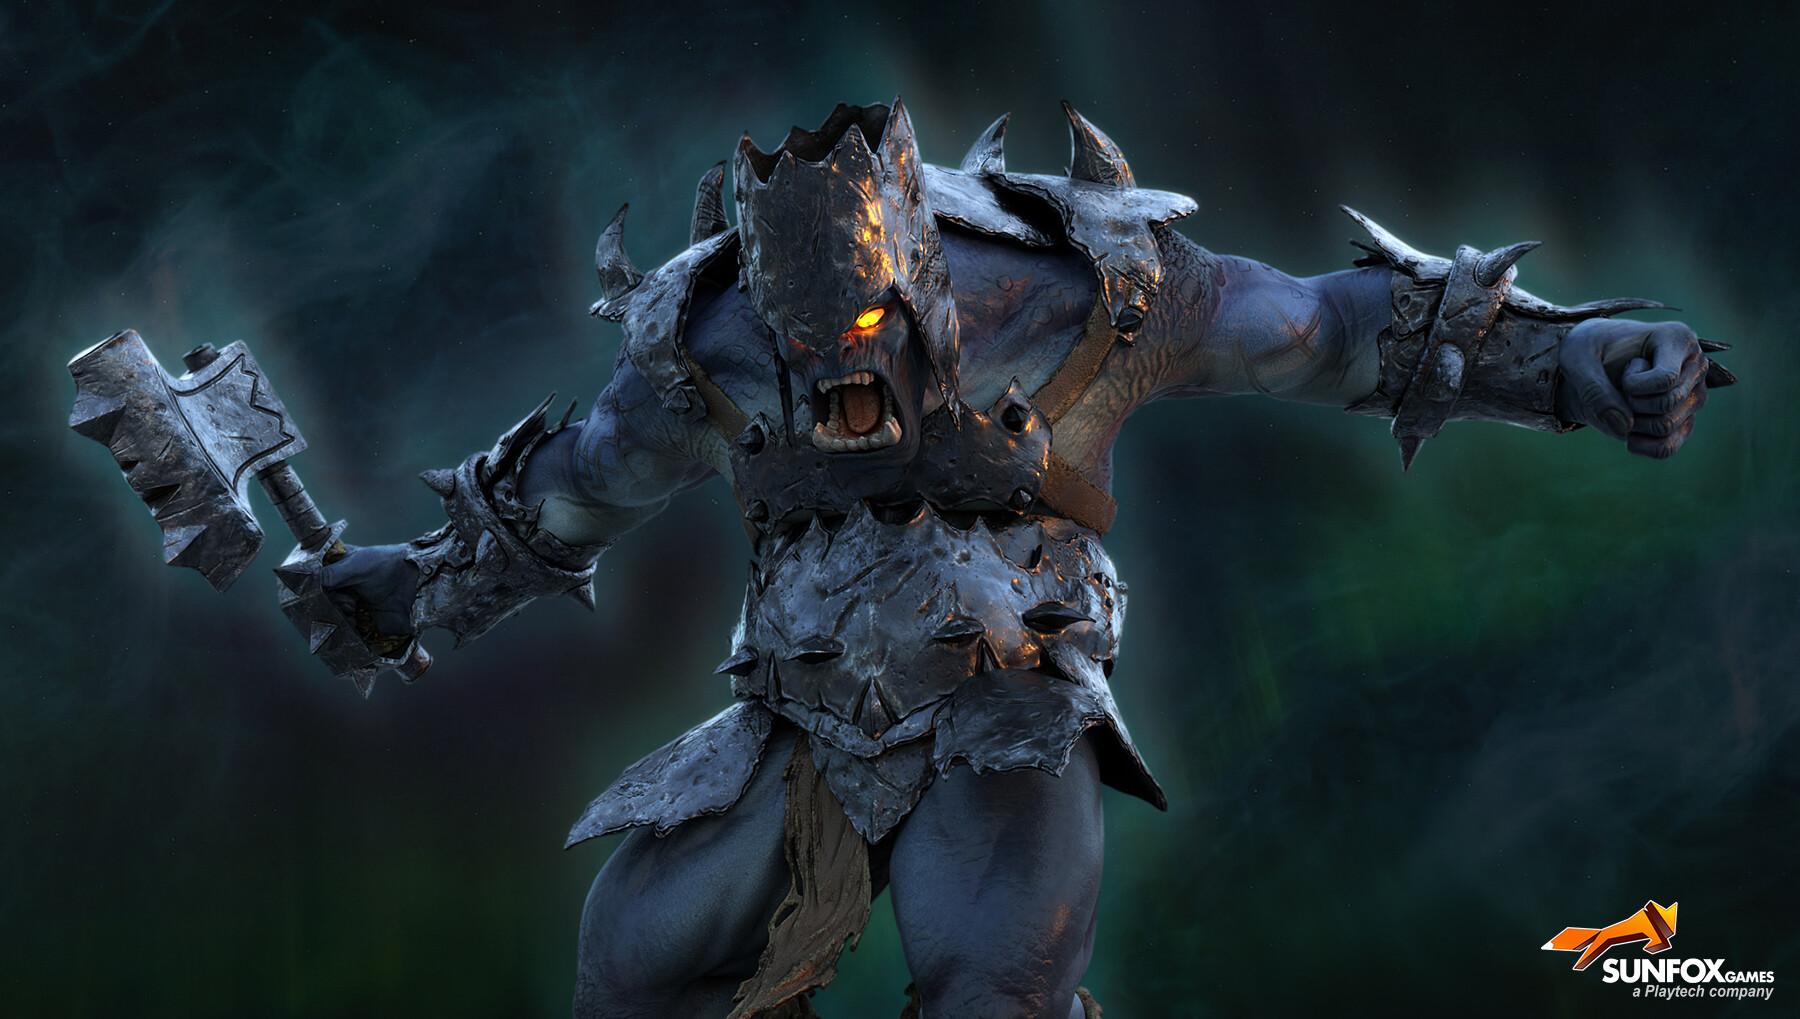 Hector moran hec single frames demon 001